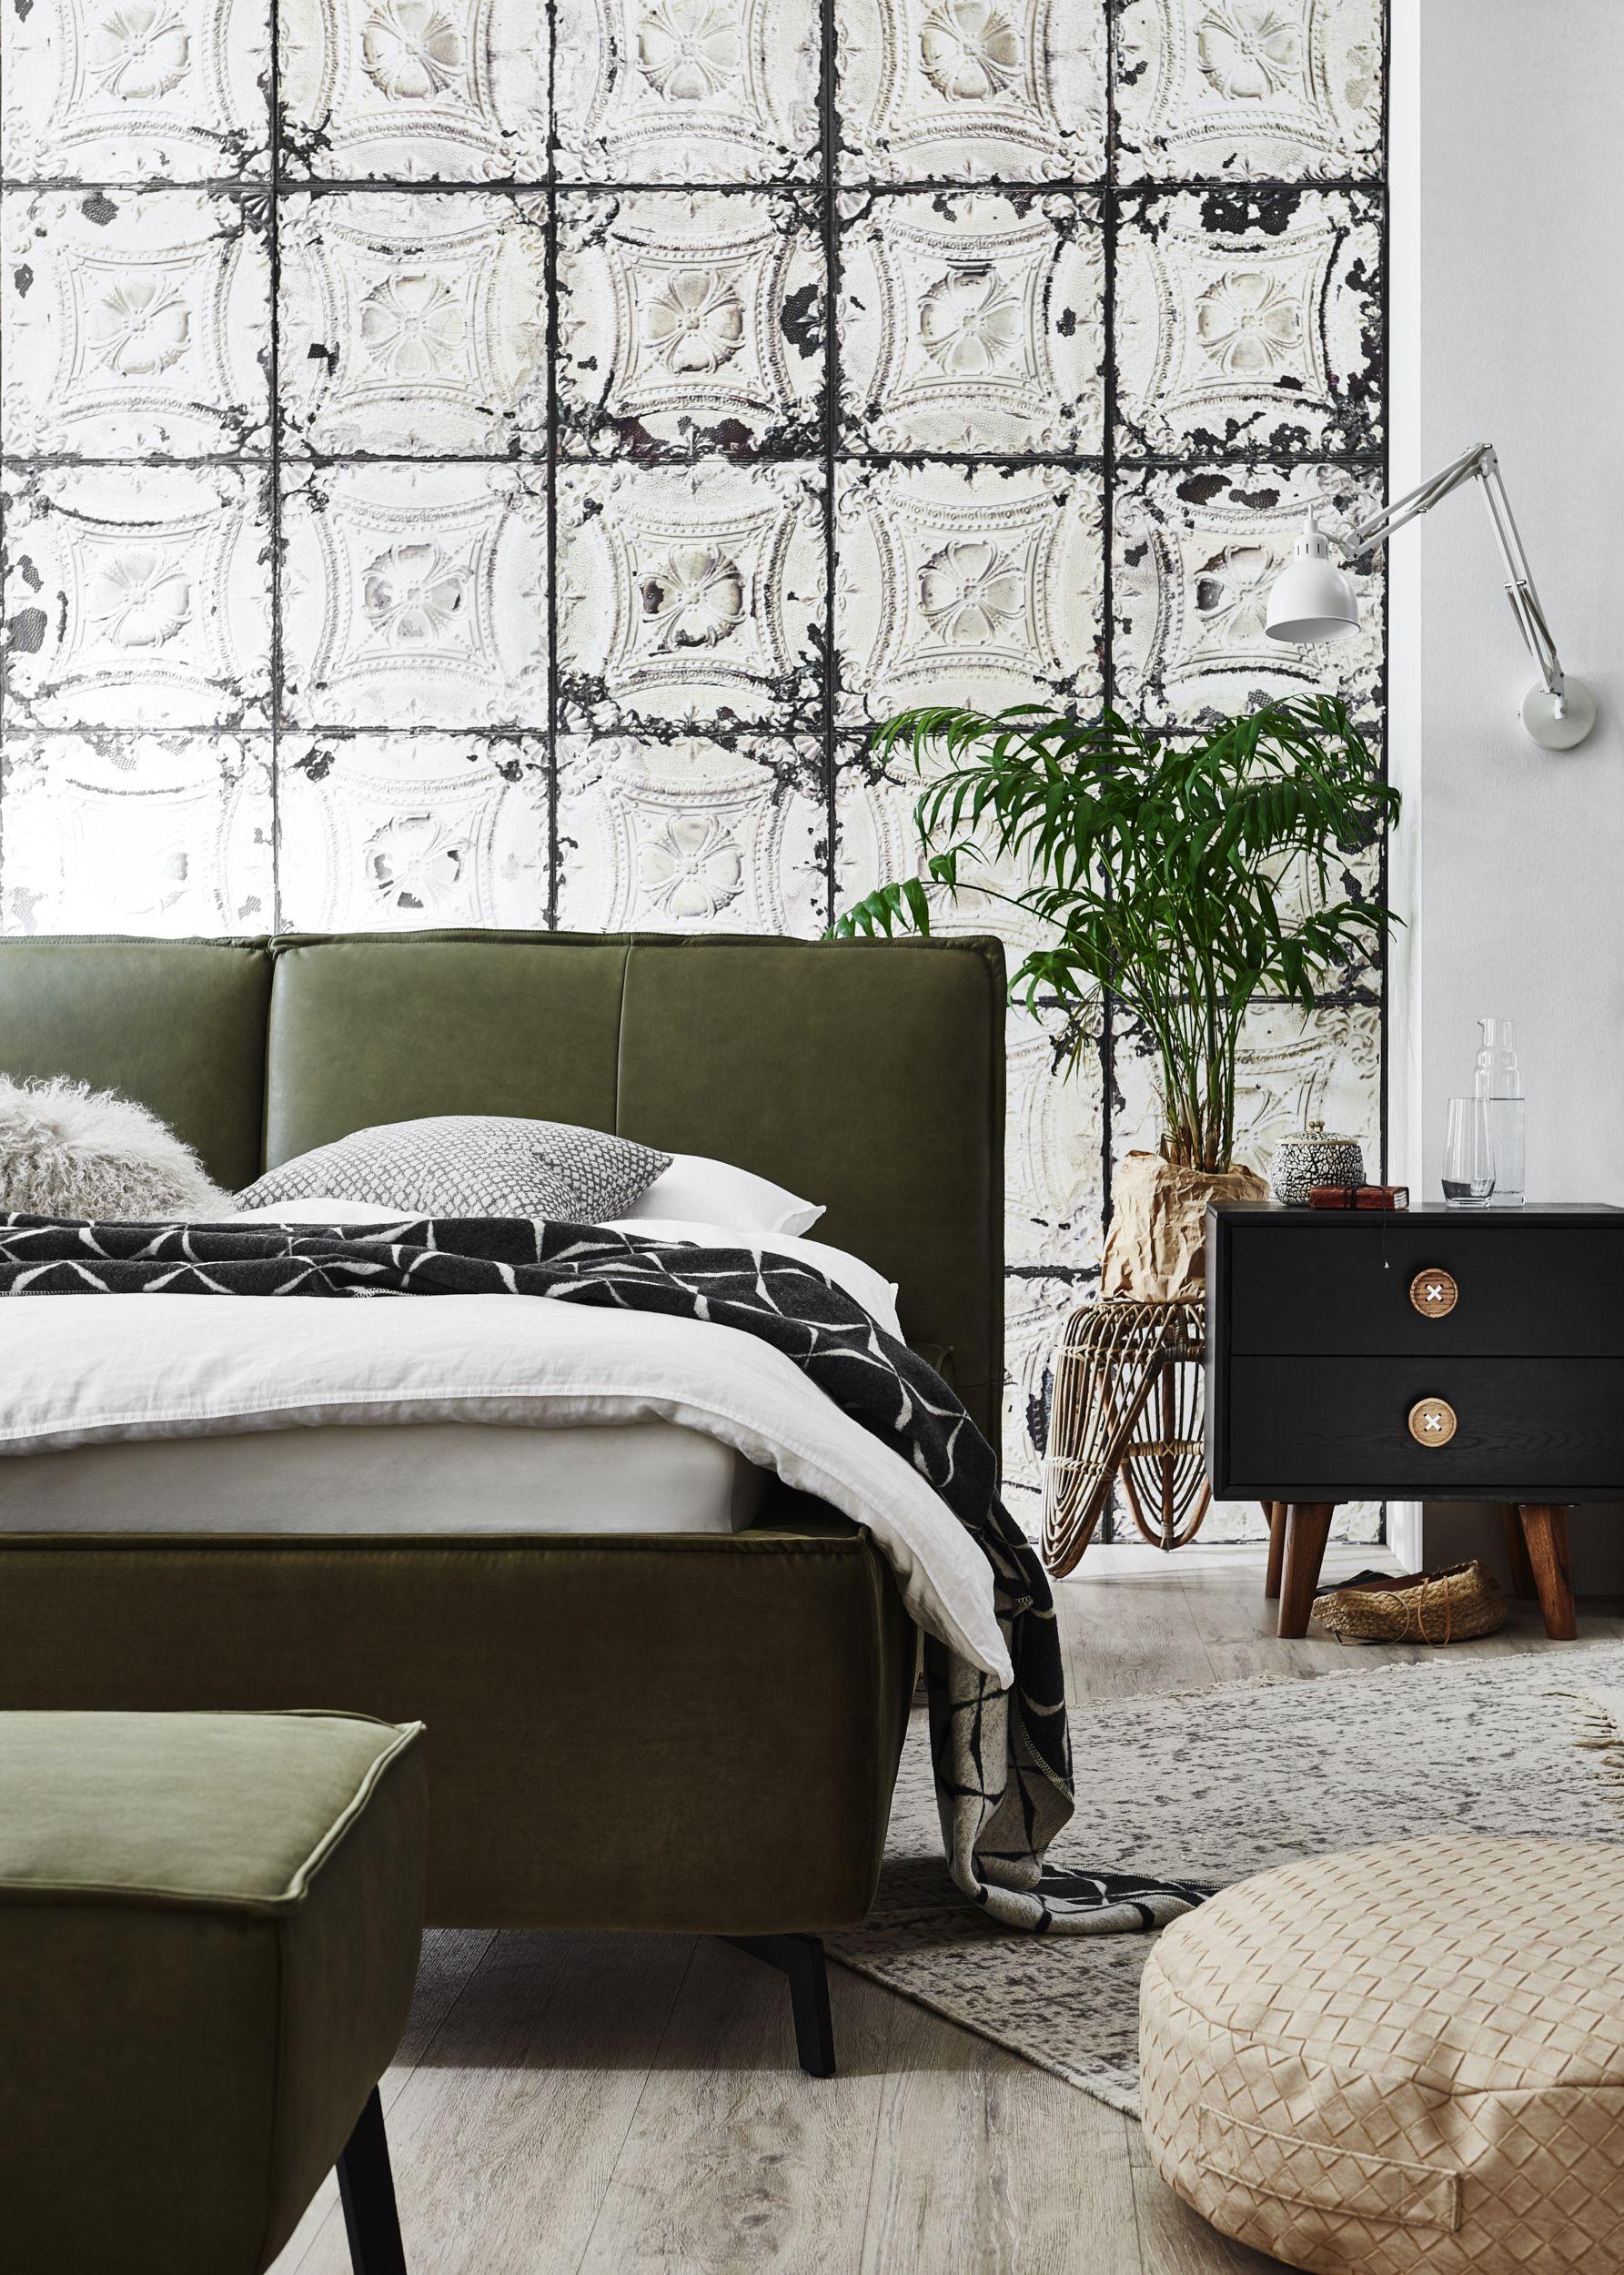 Wieso nicht mal ein grünes Bett? Ein echter Blickfang ist es ...